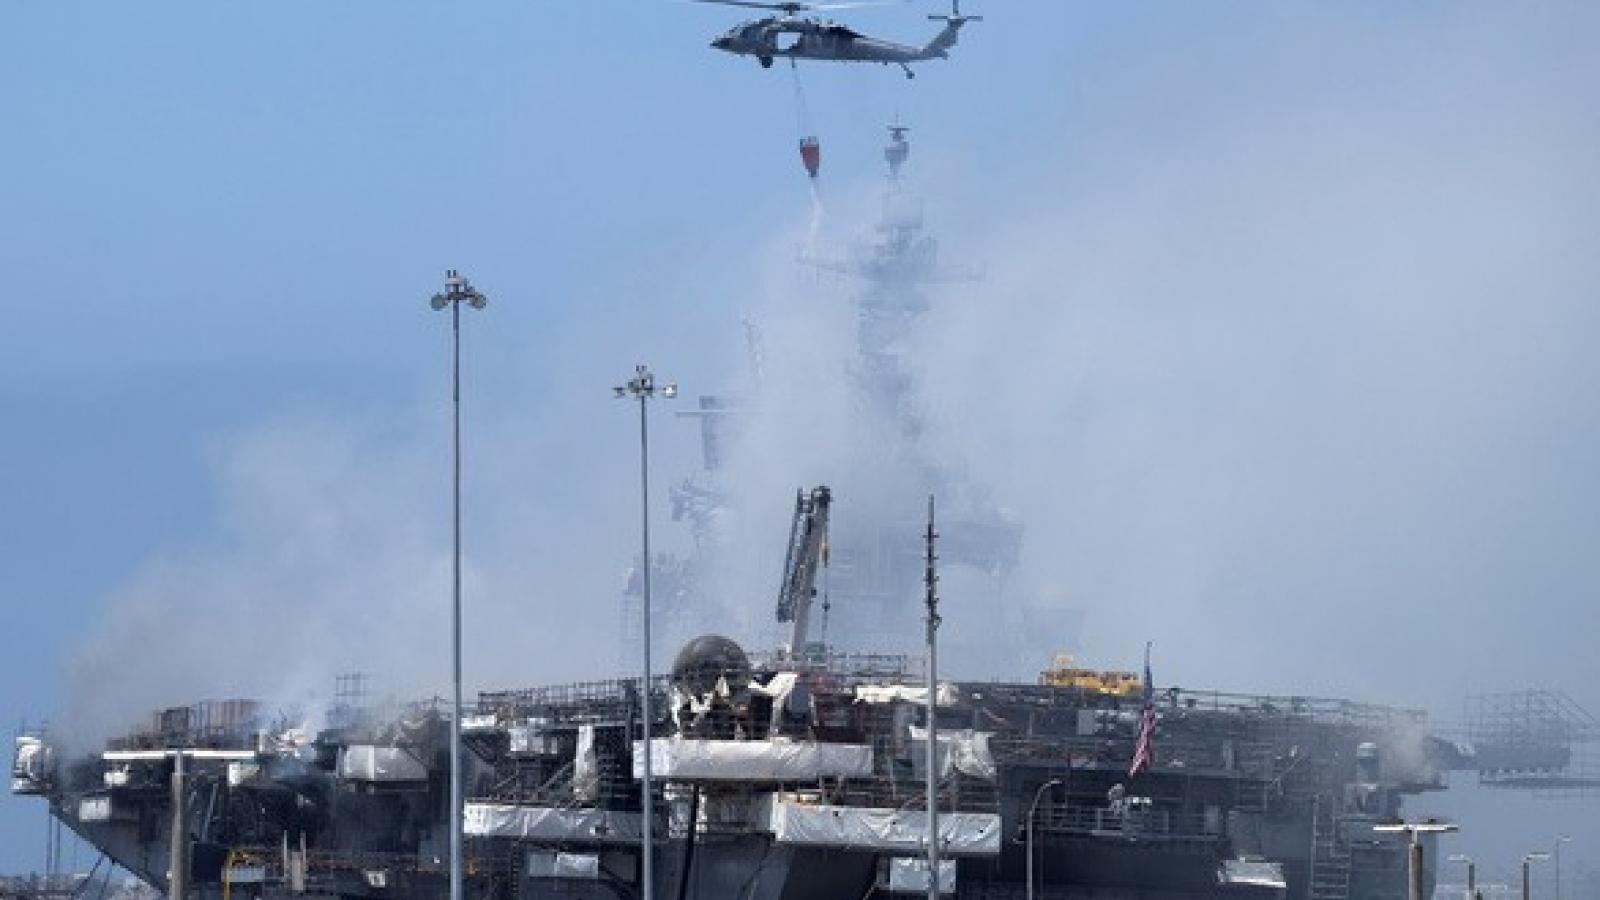 Hải quân Mỹ căng mình dập đám cháy tàu chiến Mỹ ngày thứ 2 liên tiếp